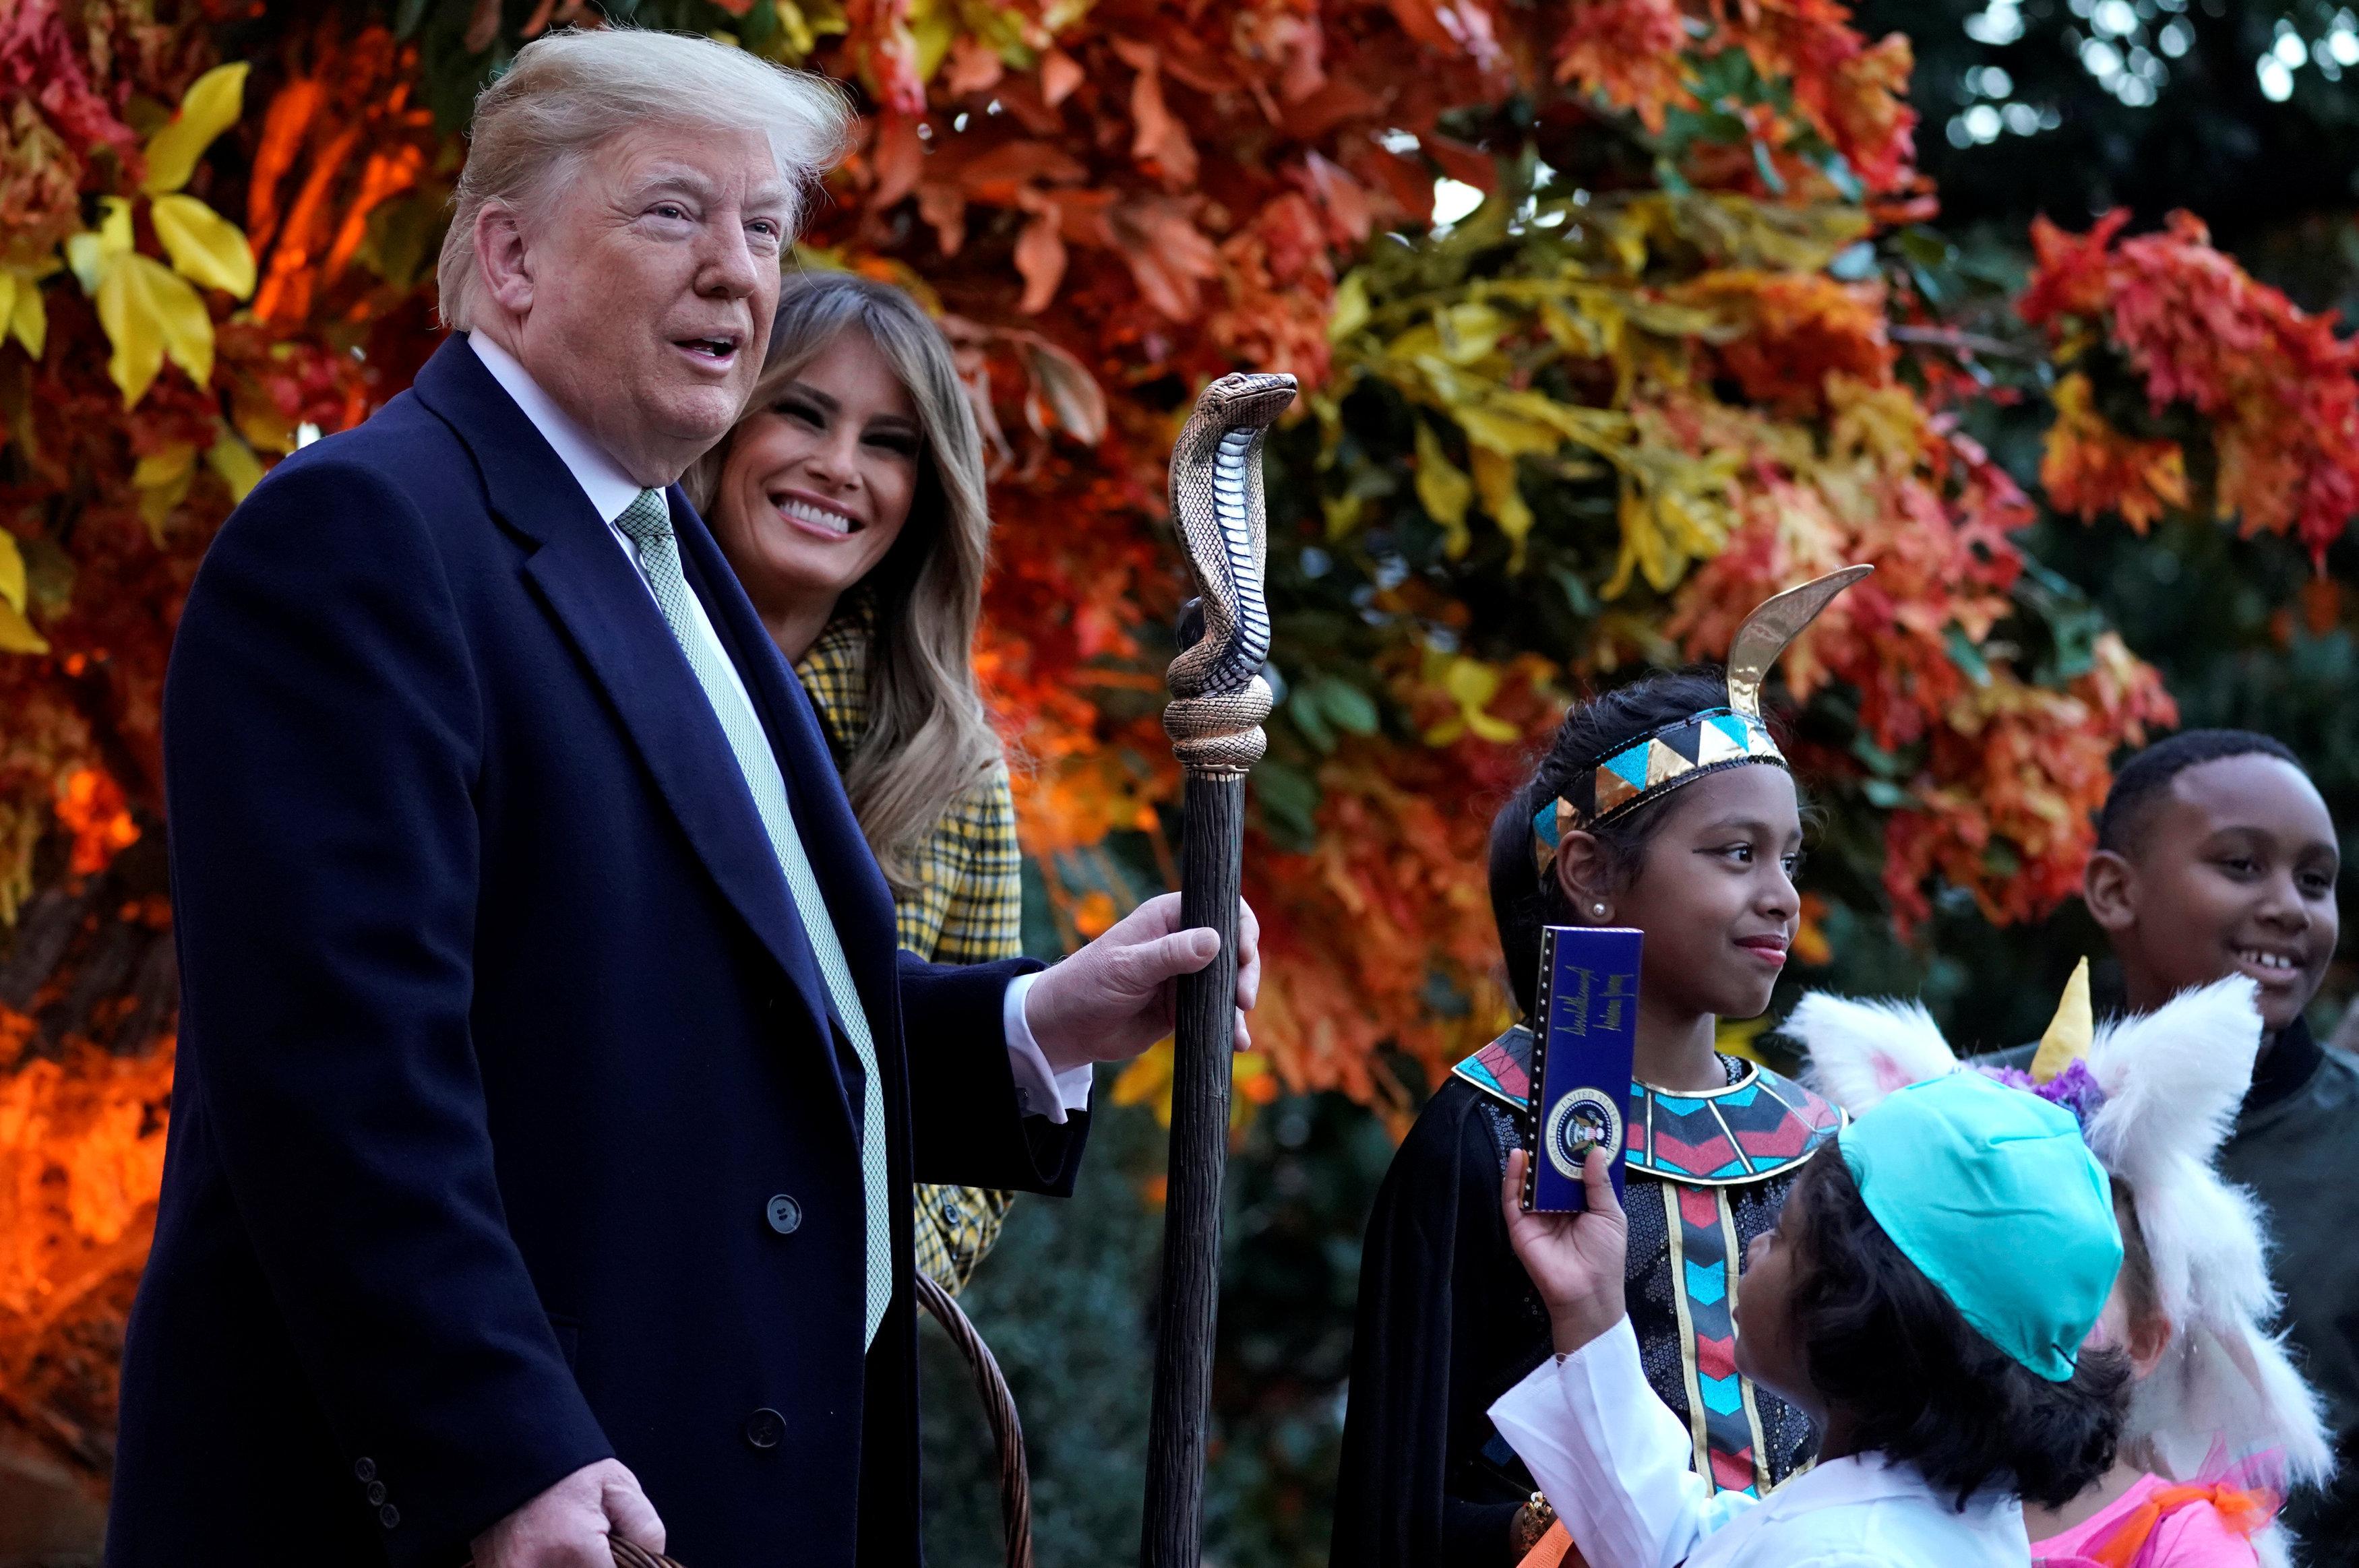 الرئيس الأمريكي دونالد ترامب و زوجته يحتفلان بعيد الهالوين